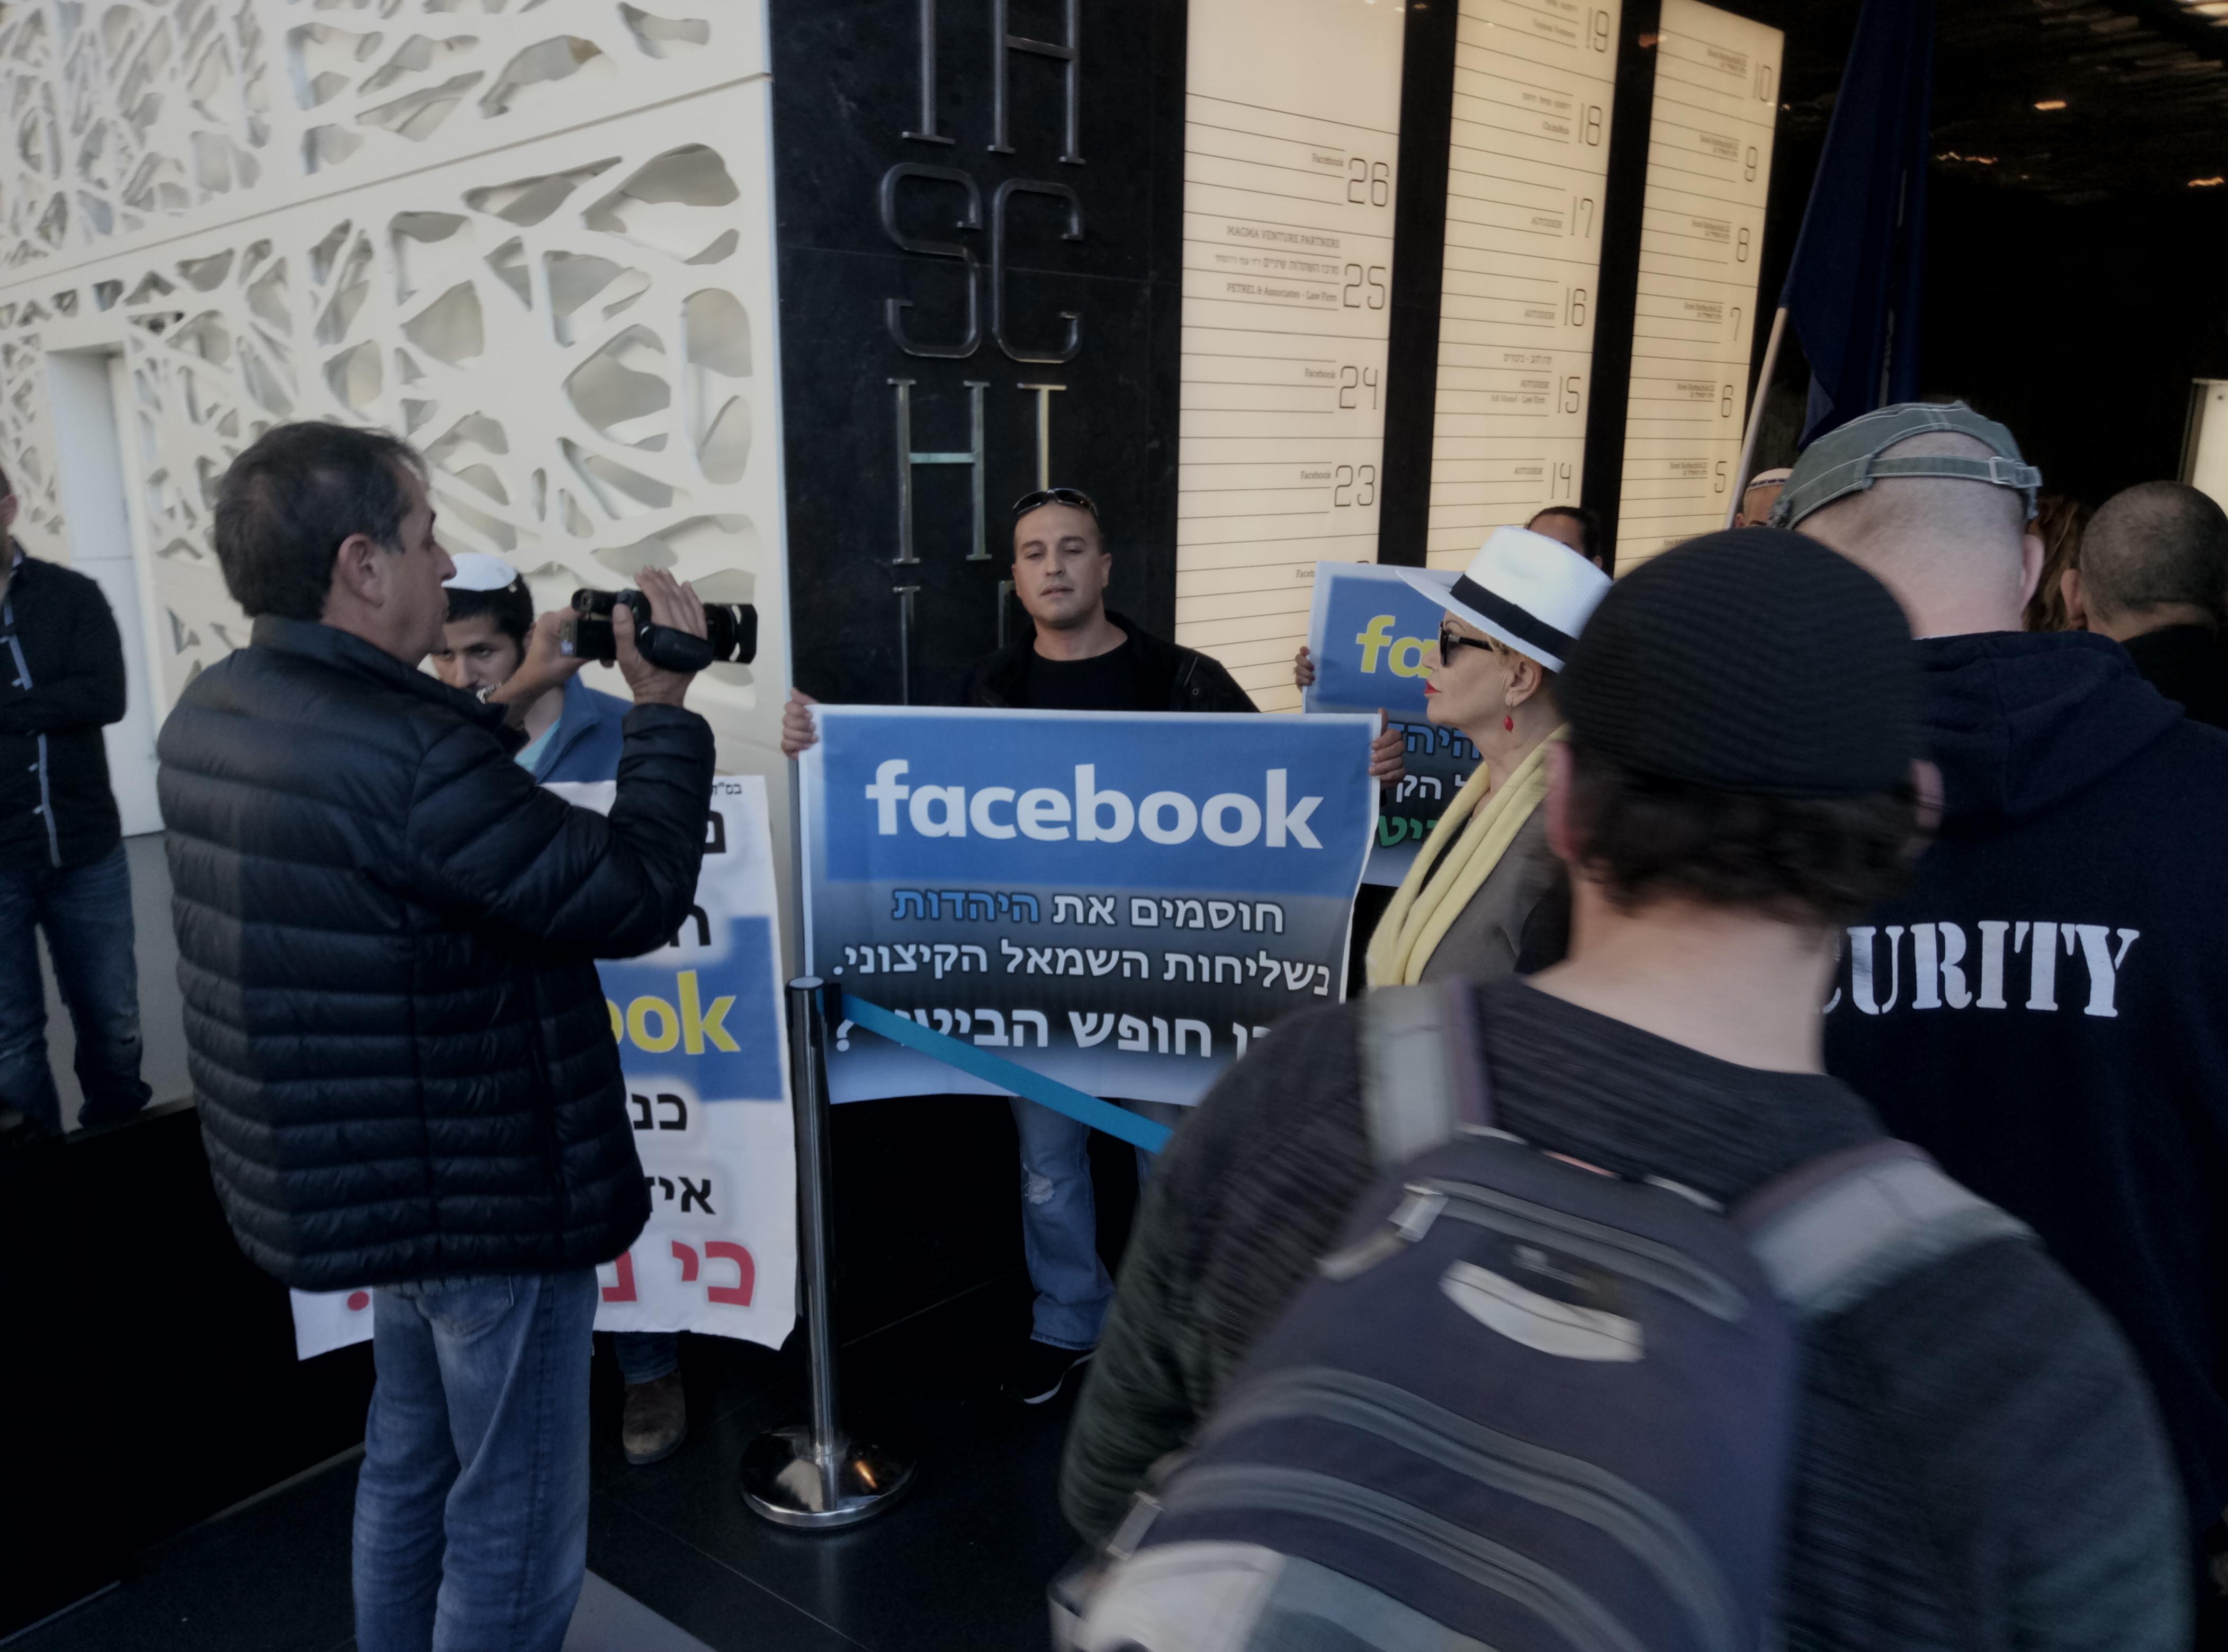 הפגנת הימין נגד פייסבוק ישראל